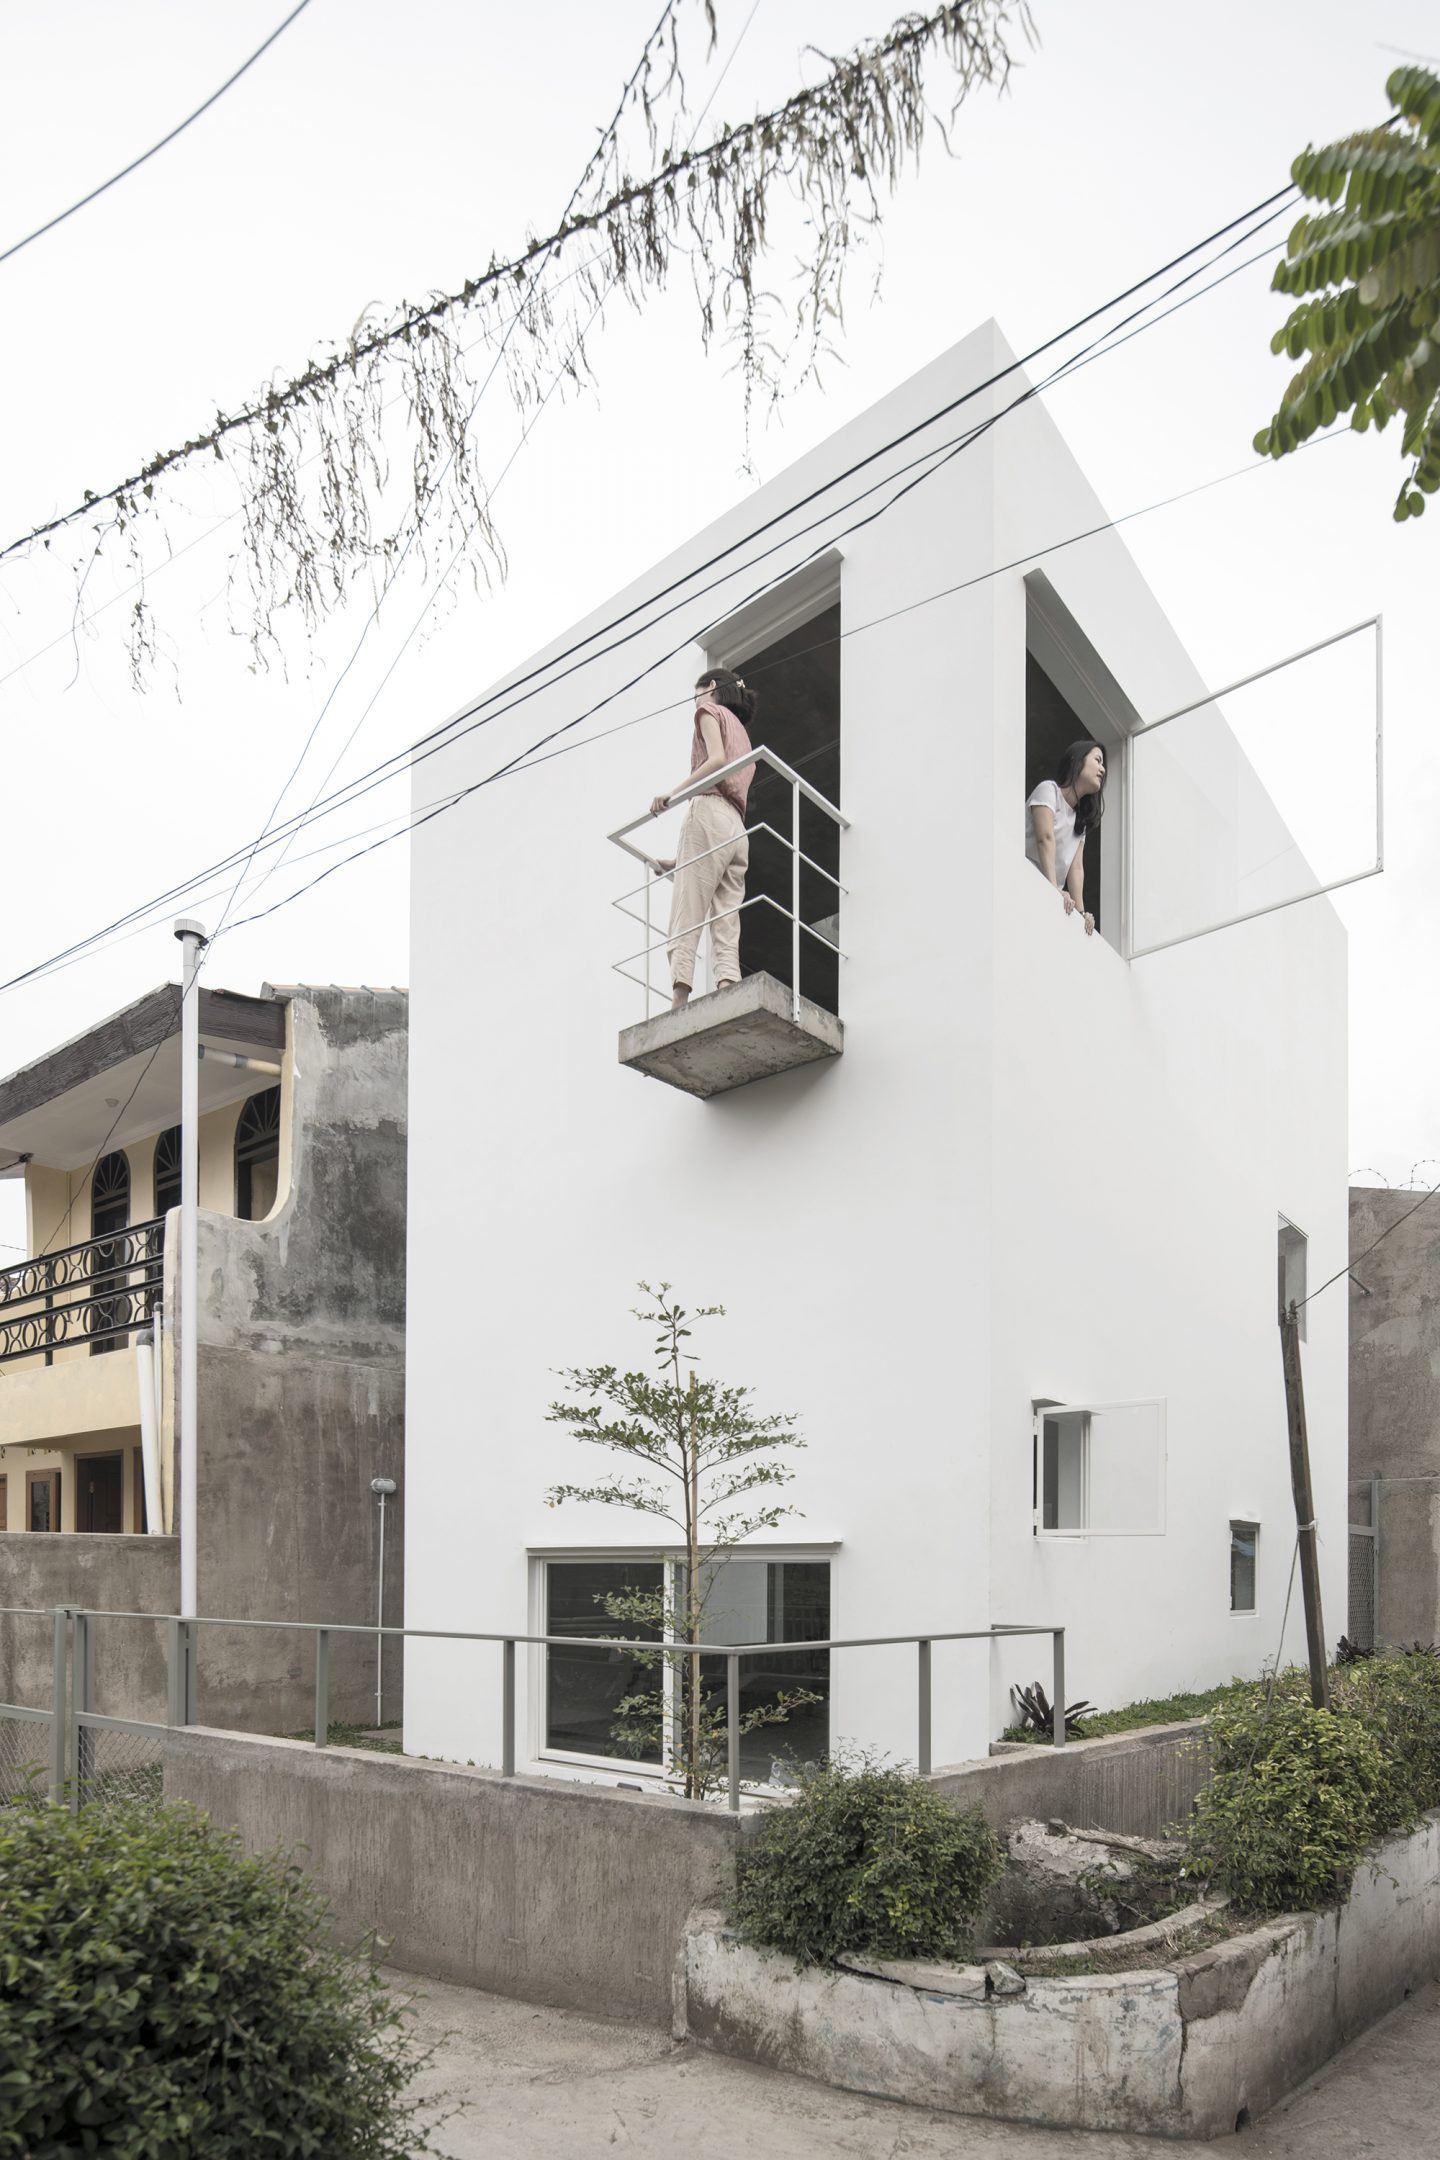 IGNANT-Architecture-Dua-Studio-4x6x6-2